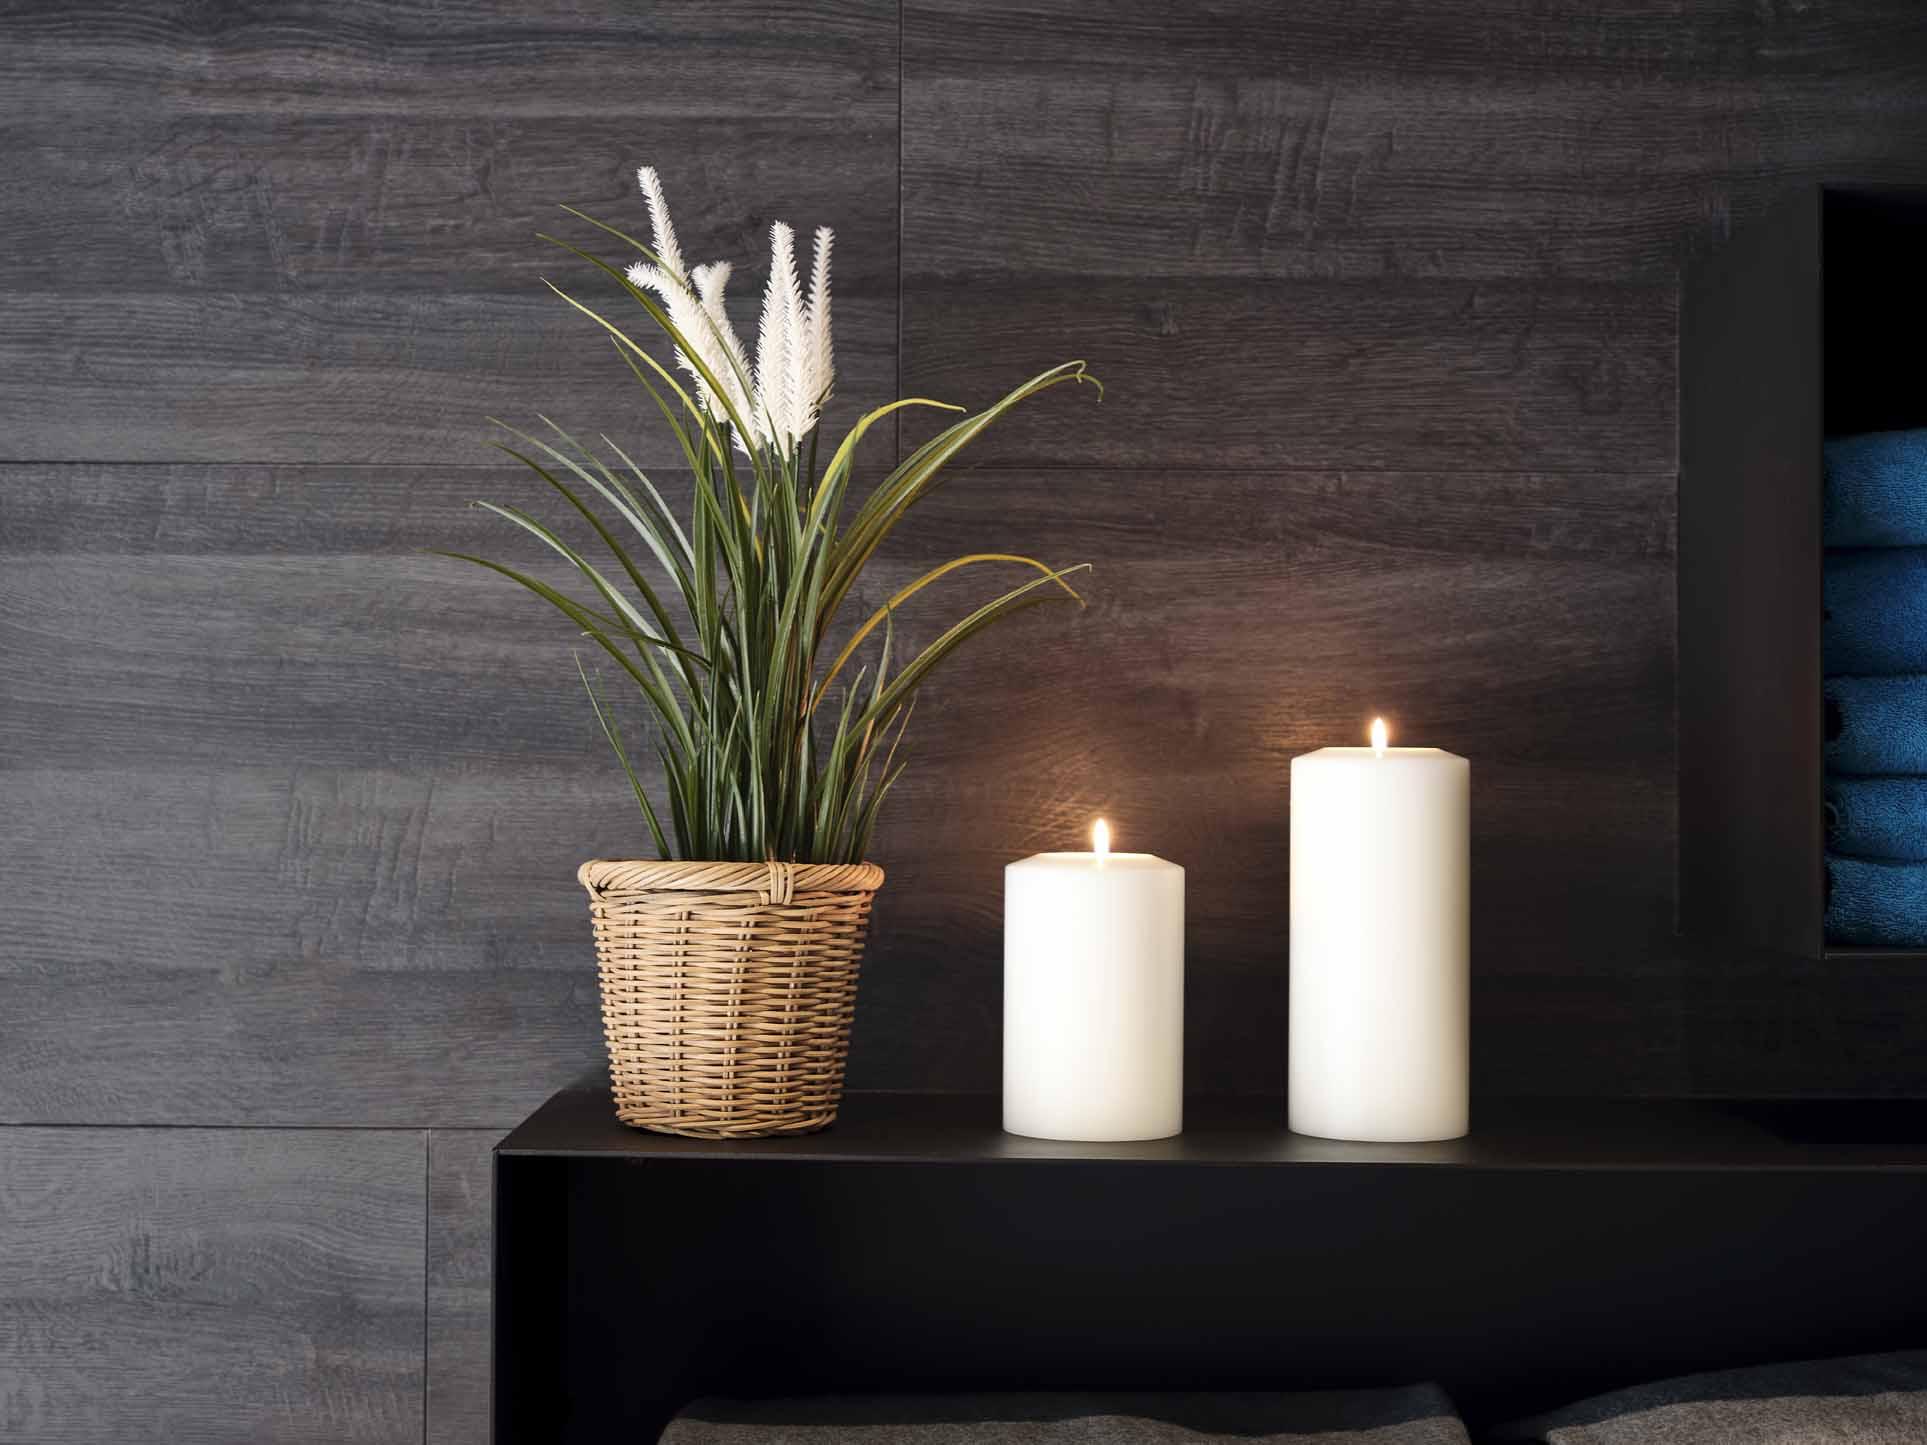 Zwei Kerzen und eine Dekorations-Blume auf einem schwarzen Untergrund